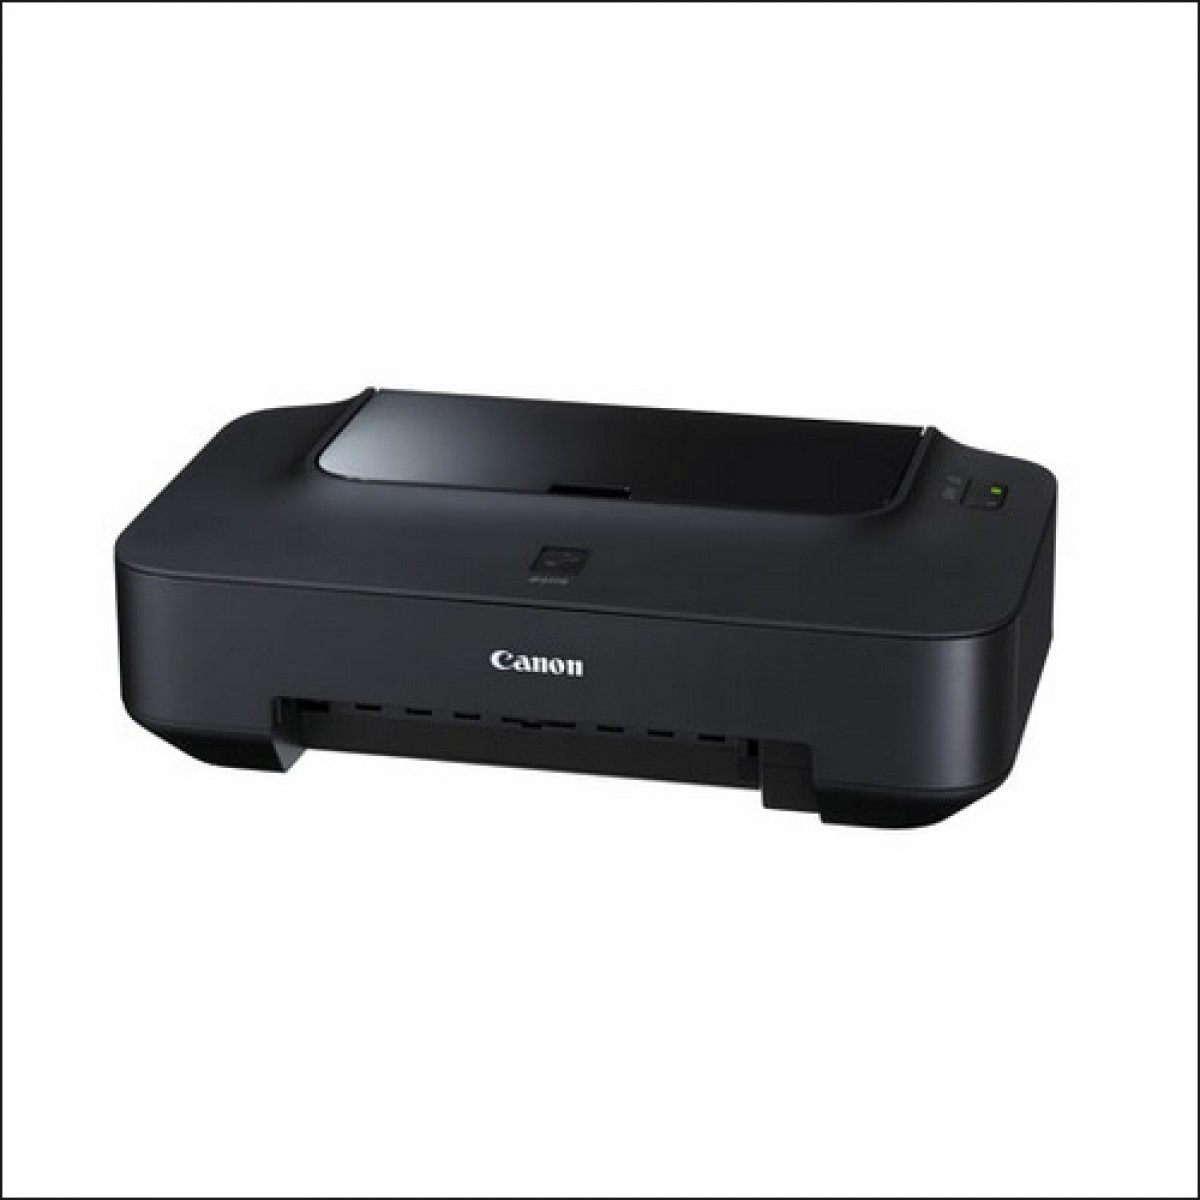 Printer Canon Ip2770 Driver